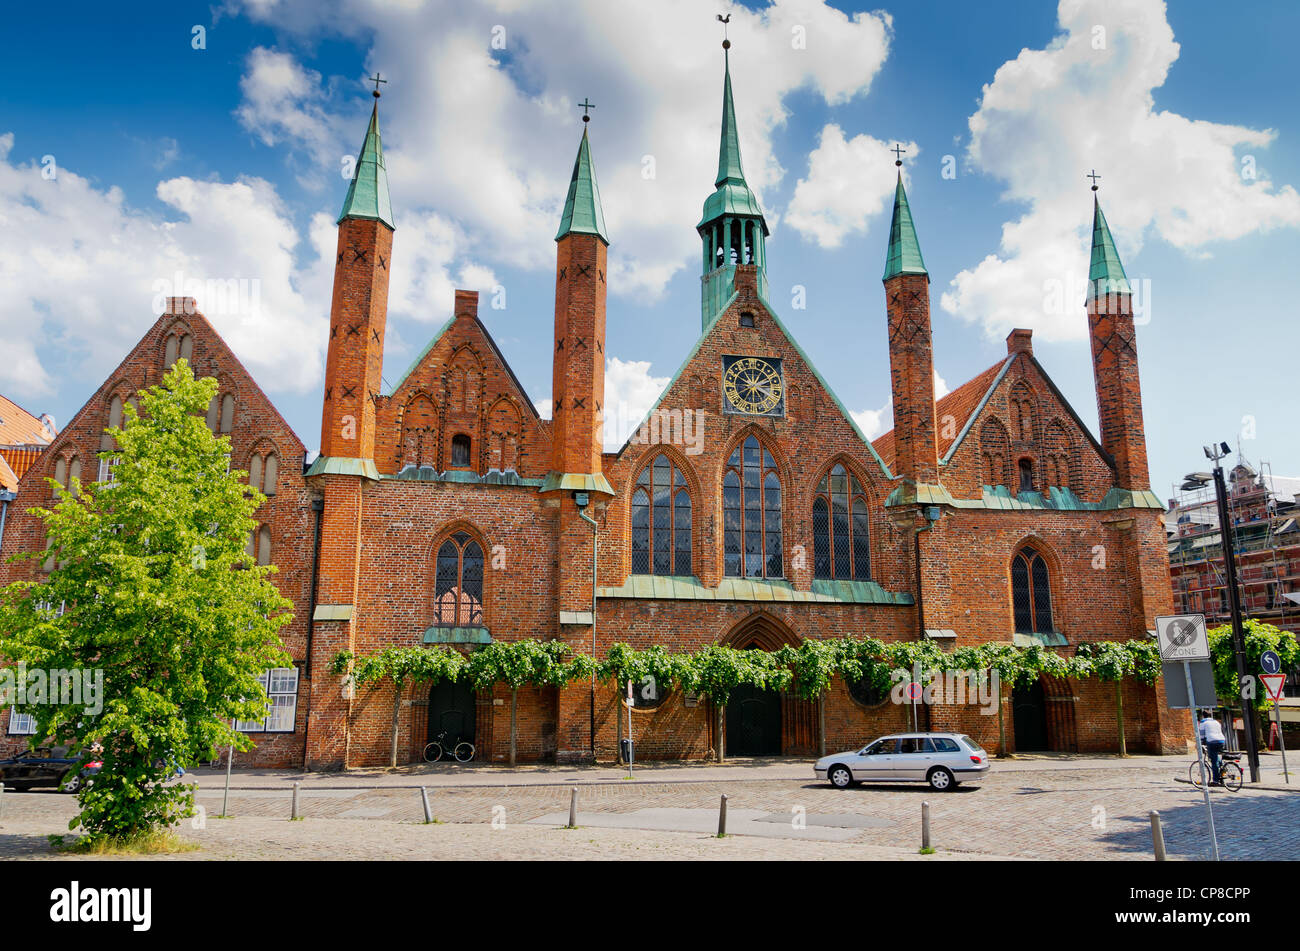 Holy Spirit Hospital. Lubeck. Germany - Stock Image